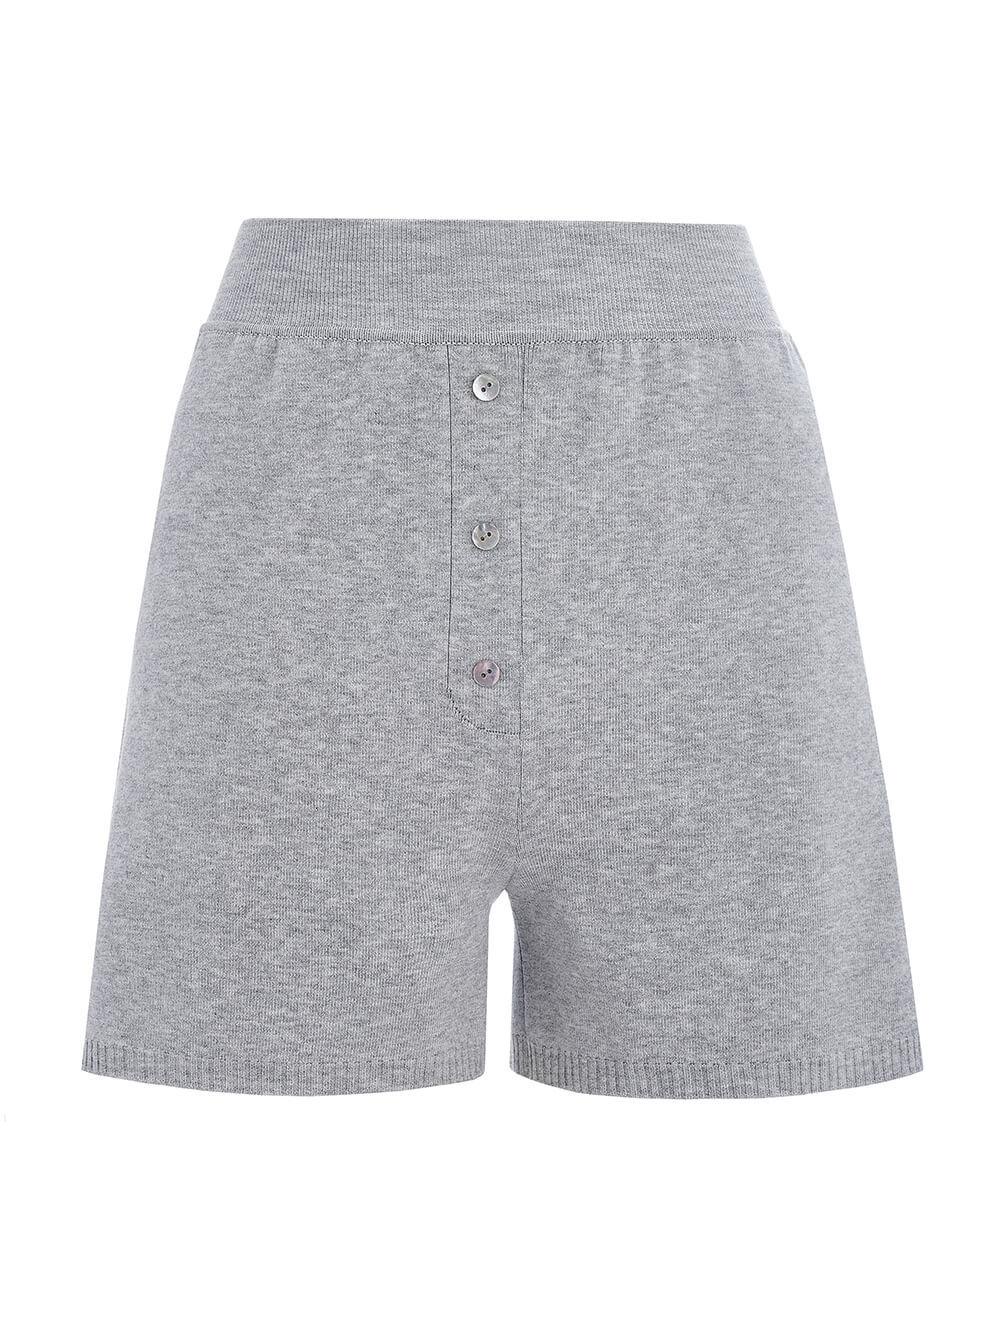 Женские шорты серого цвета из вискозы - фото 1